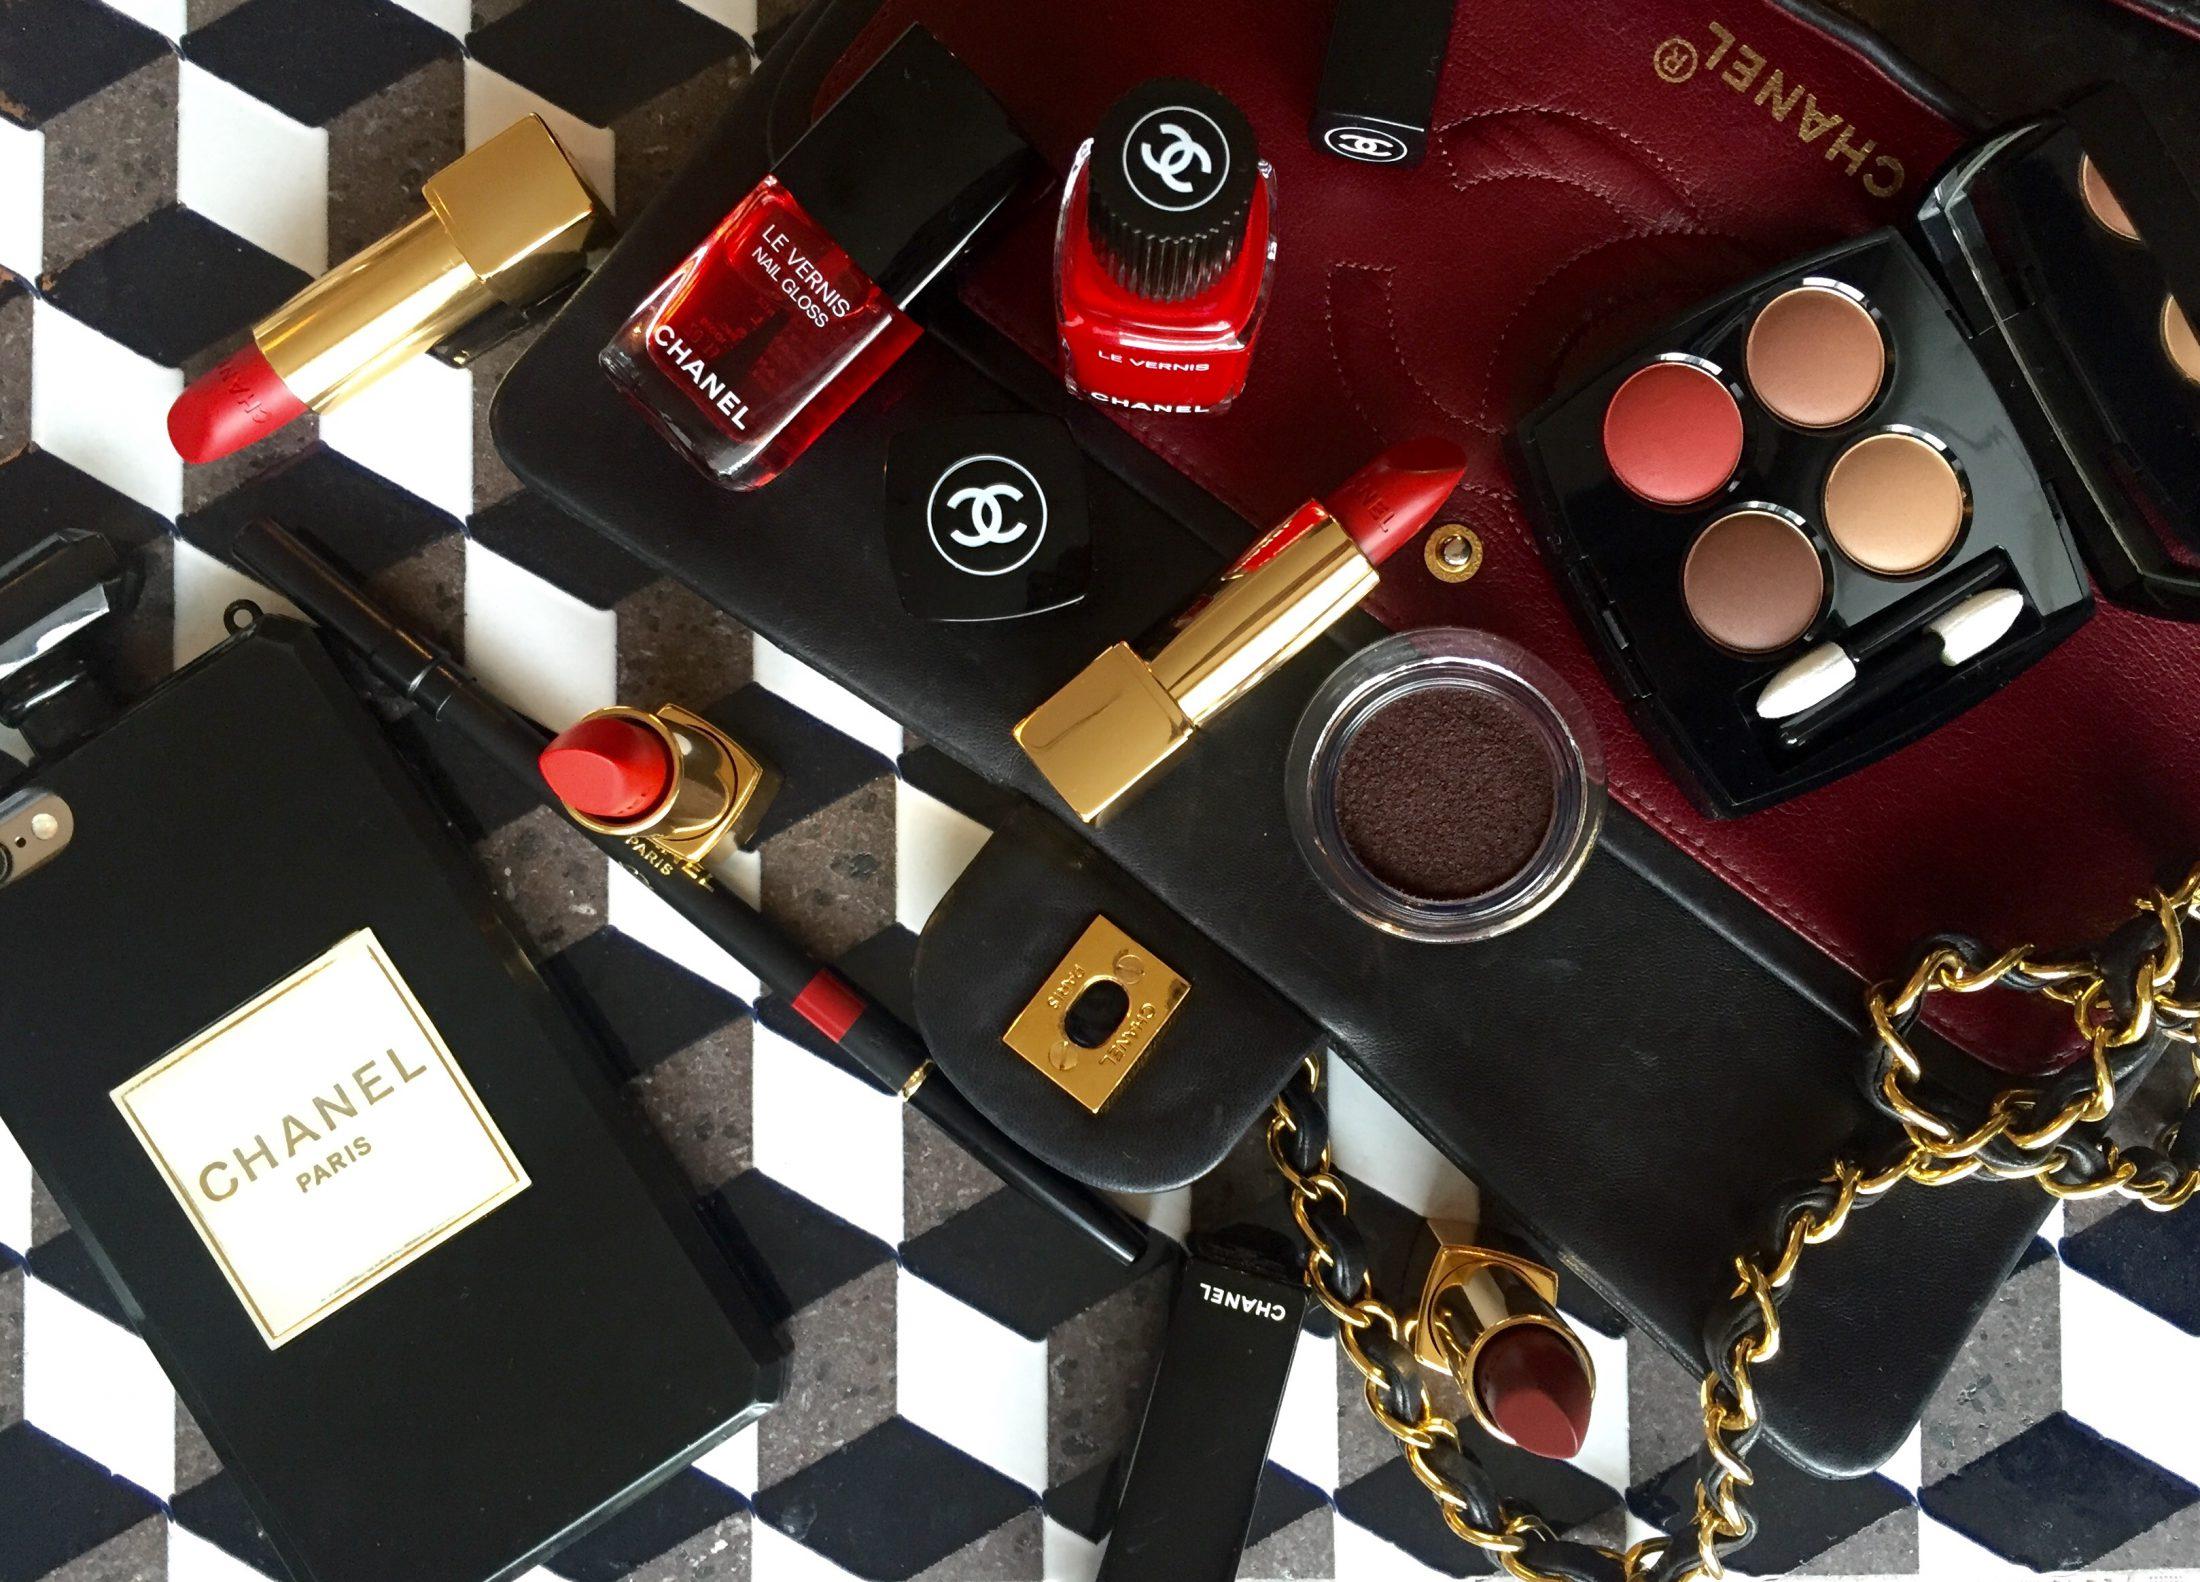 Modige nyheder fra Chanel